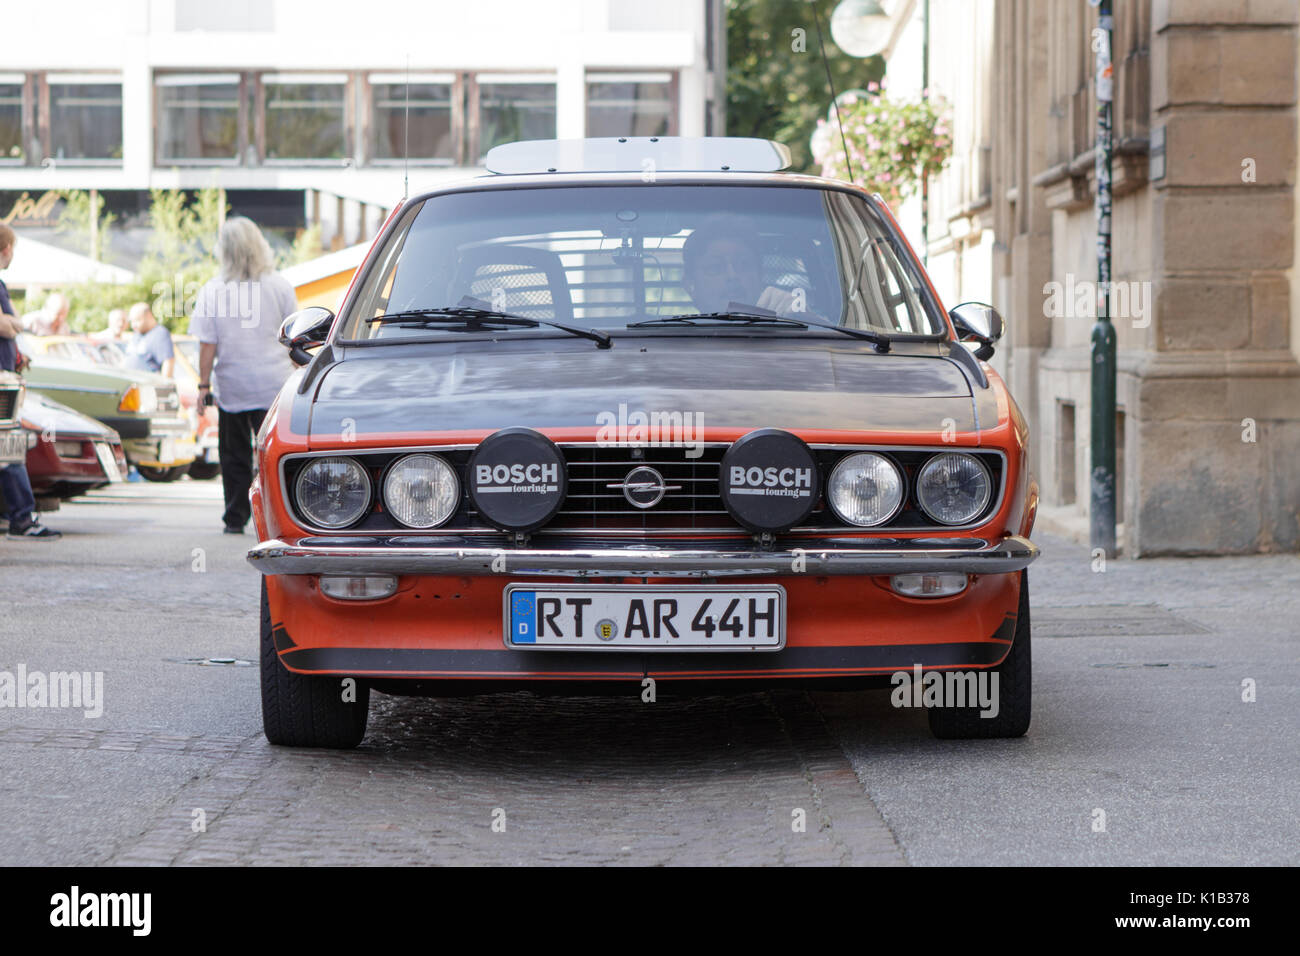 Reutlingen, Germany - August 20, 2017: Opel Manta SR oldtimer car at the Reutlinger Oldtimertag event on August Stock Photo